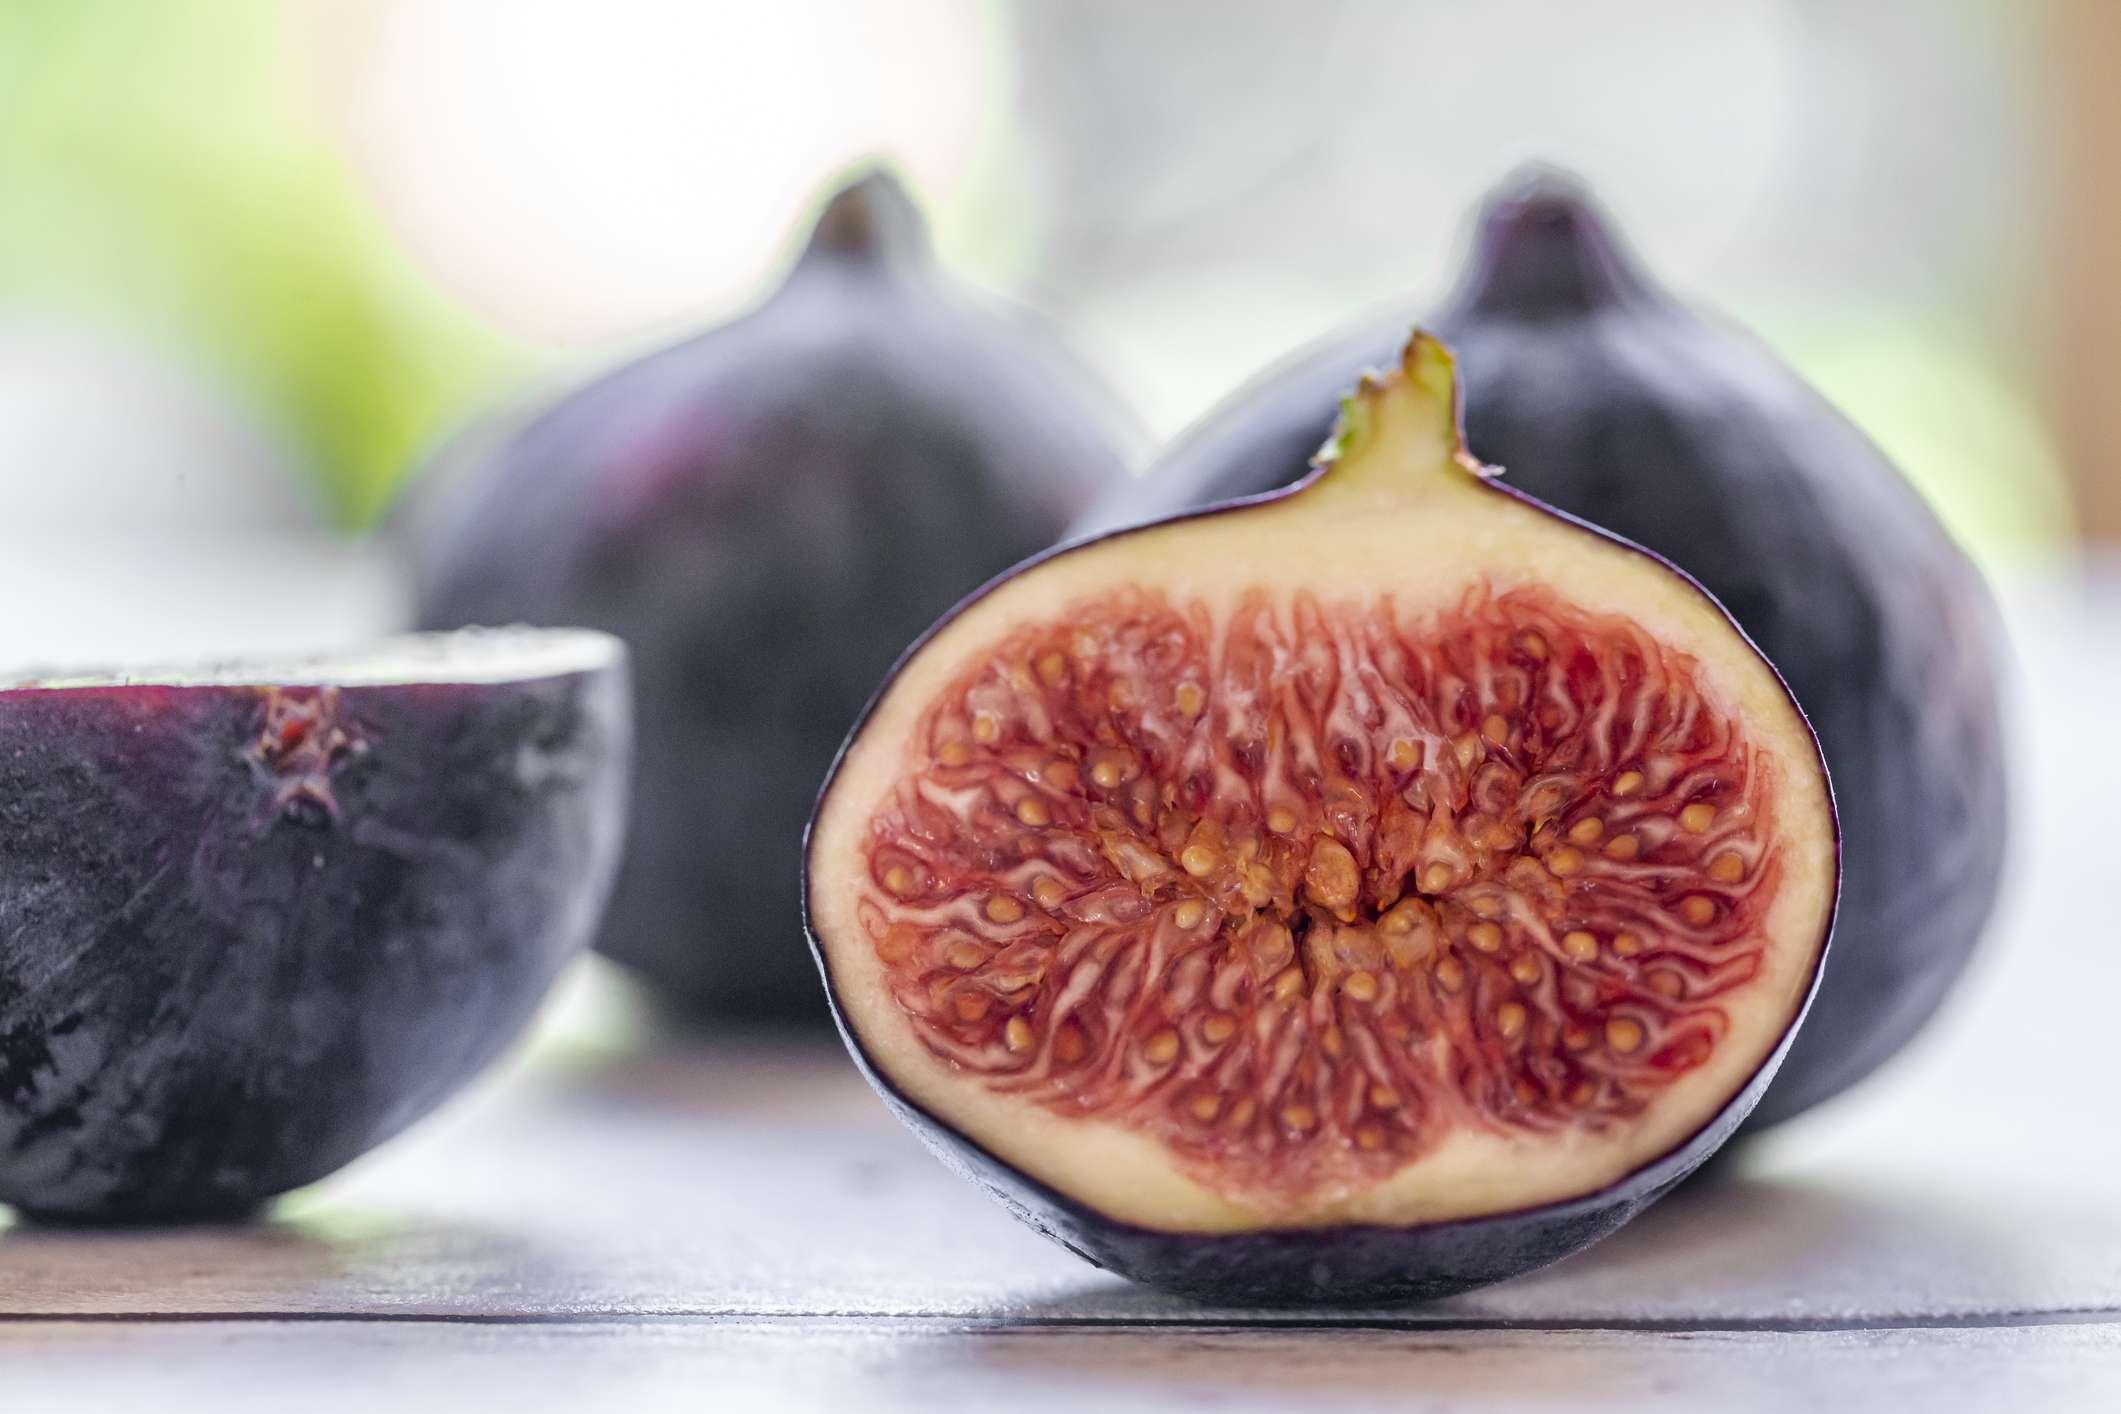 Fresh figs cut open